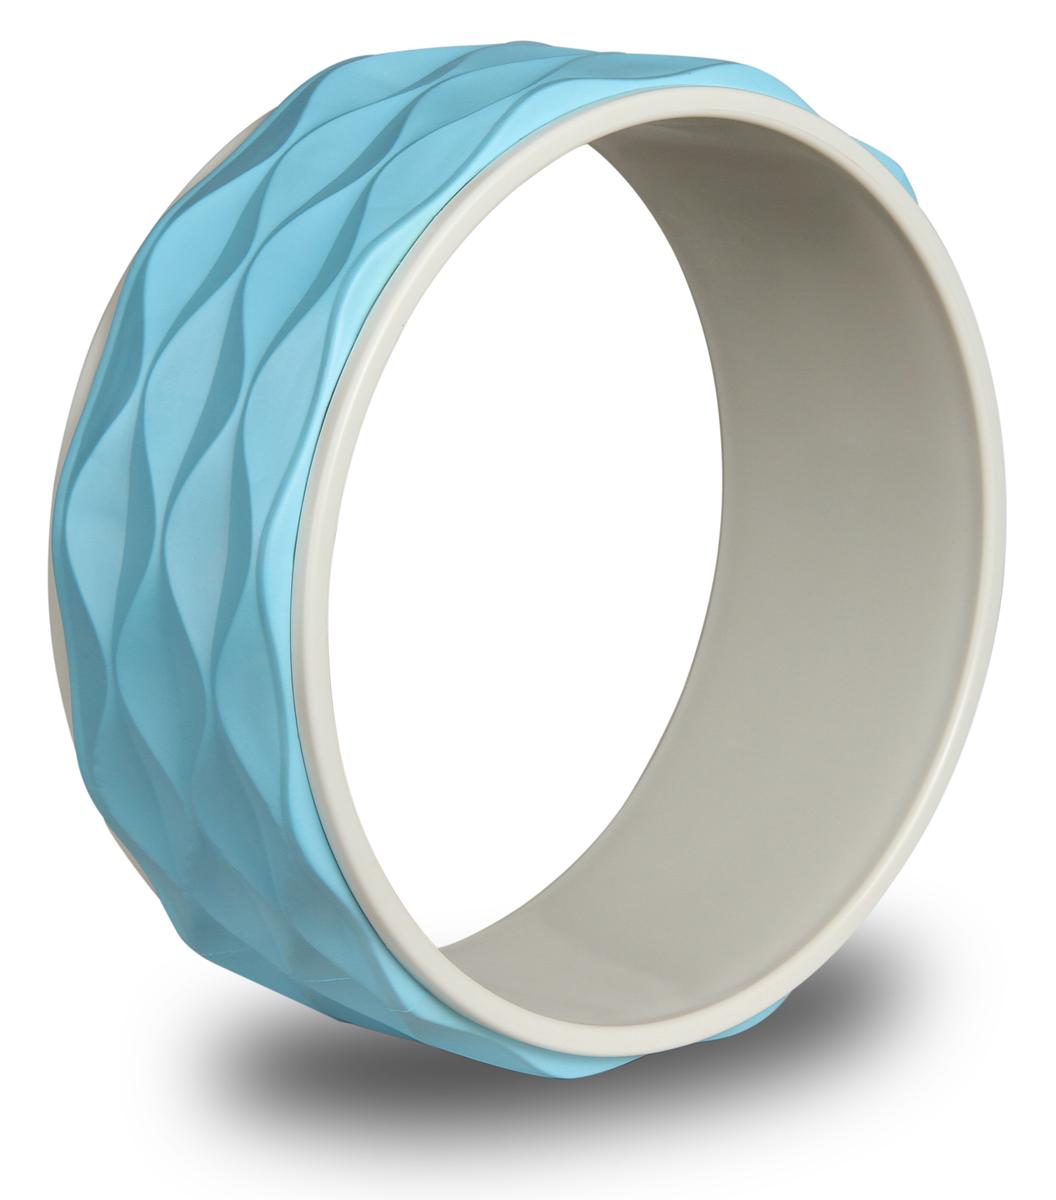 Колесо для йоги Indigo, рифленое, цвет: голубой, диаметр 34 см колесо для йоги indigo цвет розовый черный диаметр 32 см